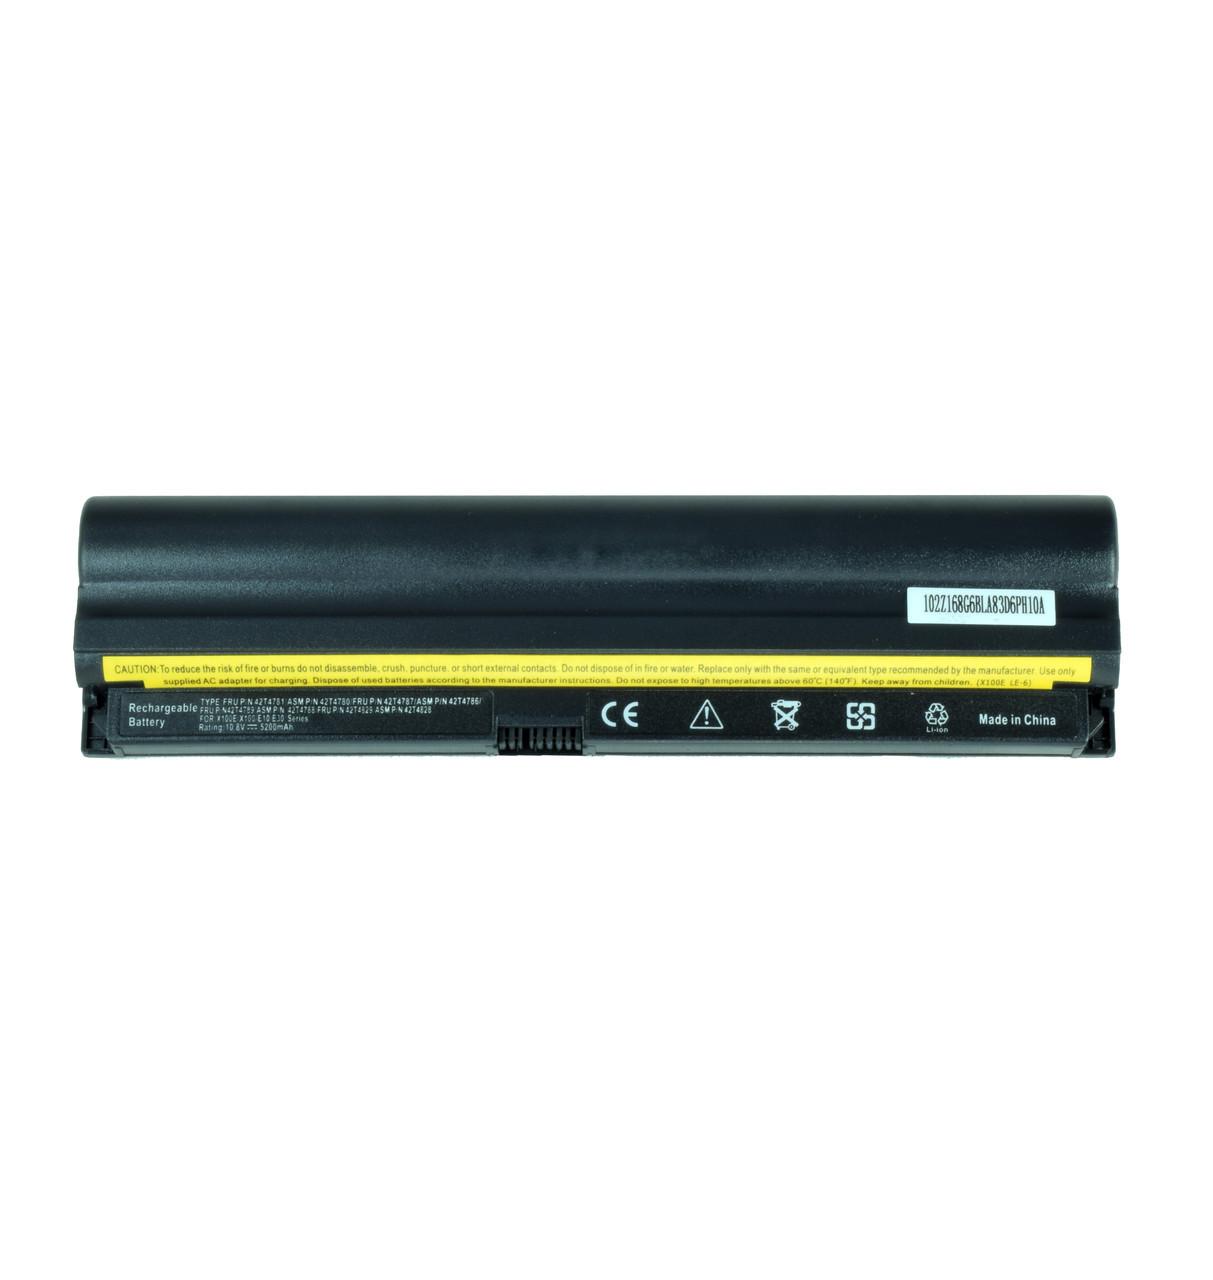 Батарея для ноутбука Lenovo 42T4781 42T4780 42T4787 42T4786 42T4829 42T4828 42T4897